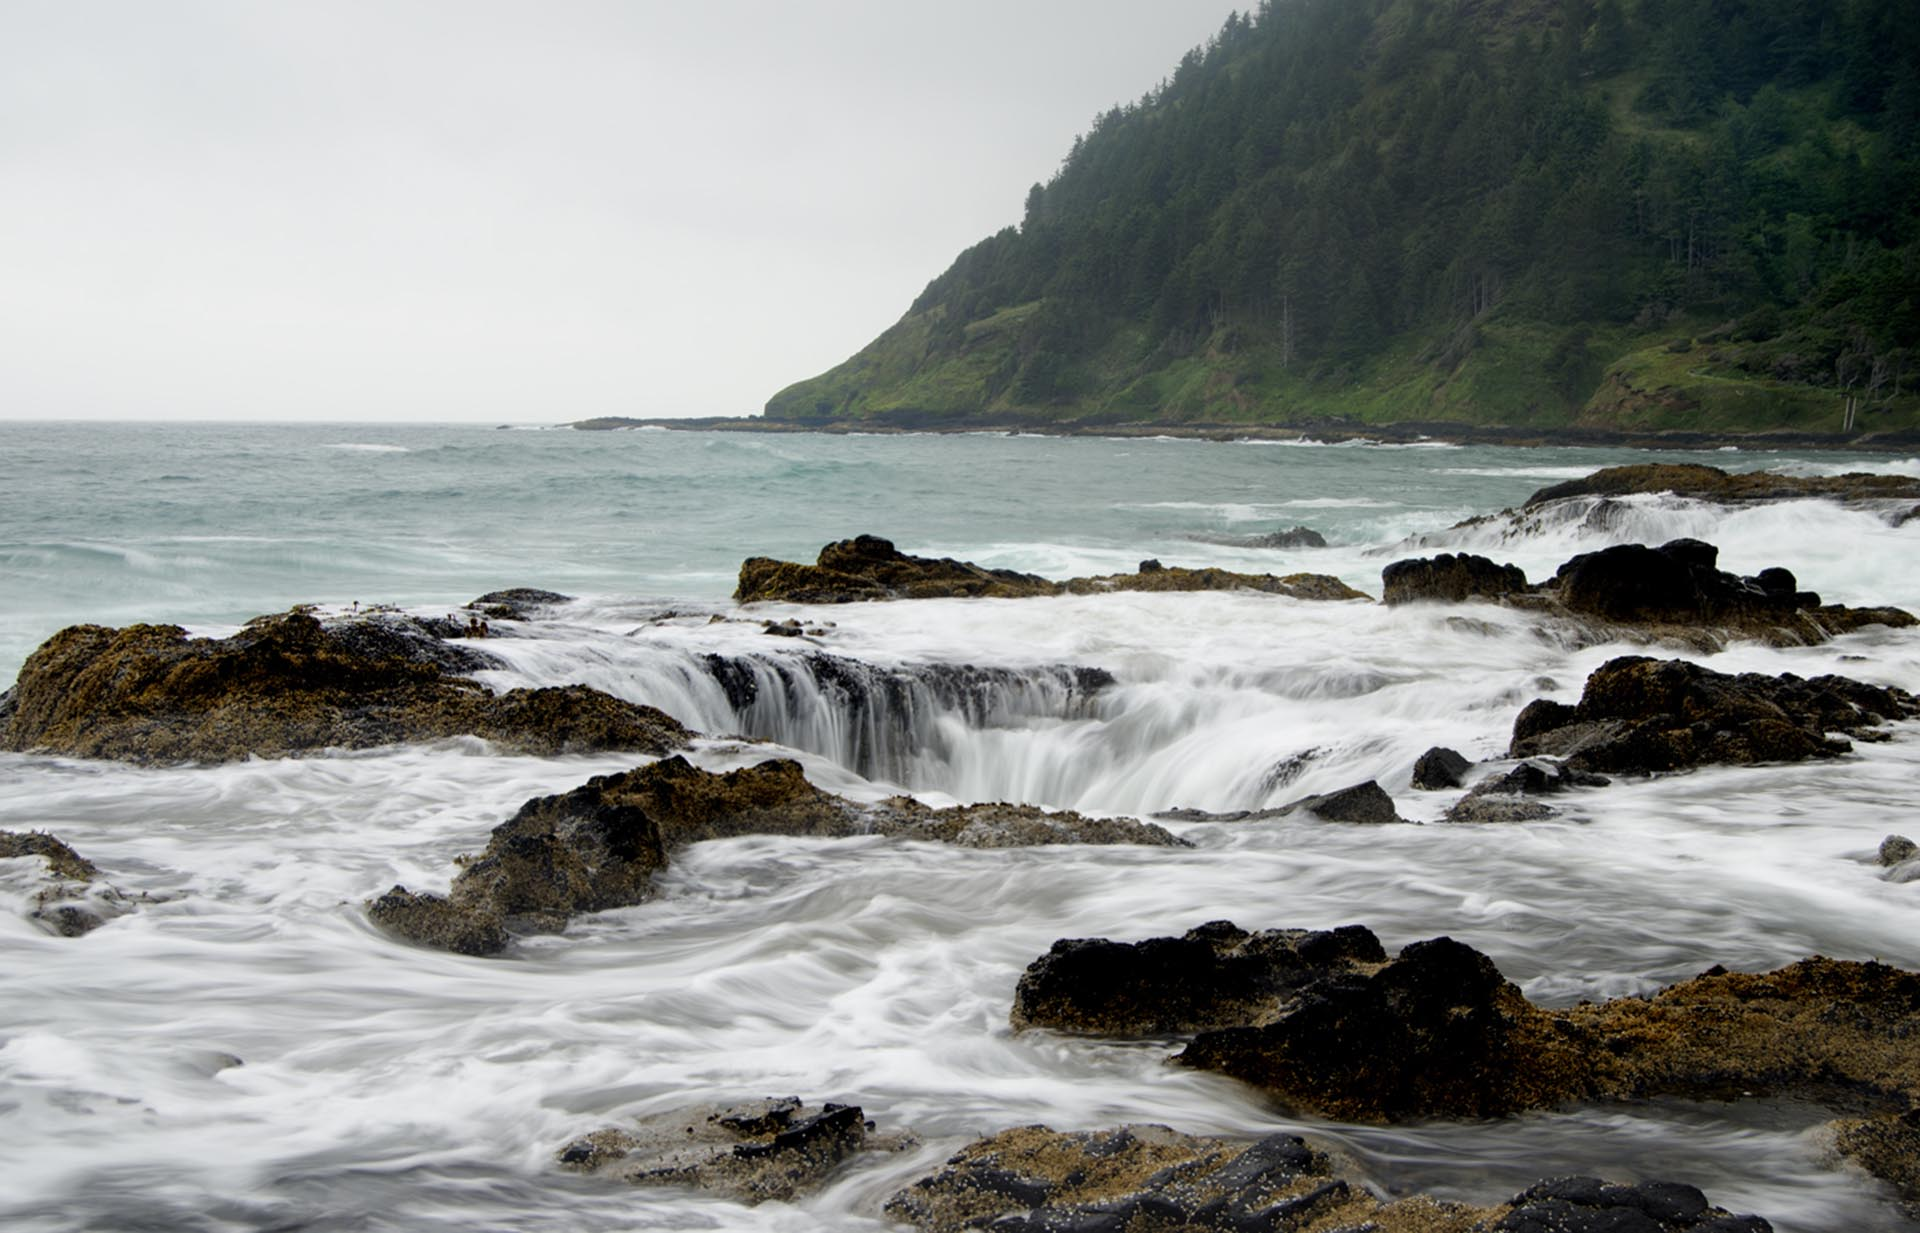 Durante la marea baja, y tomando muchas precauciones, es posible acercarse para tomar una fotografíadel gigantesco Pozo de Thor.